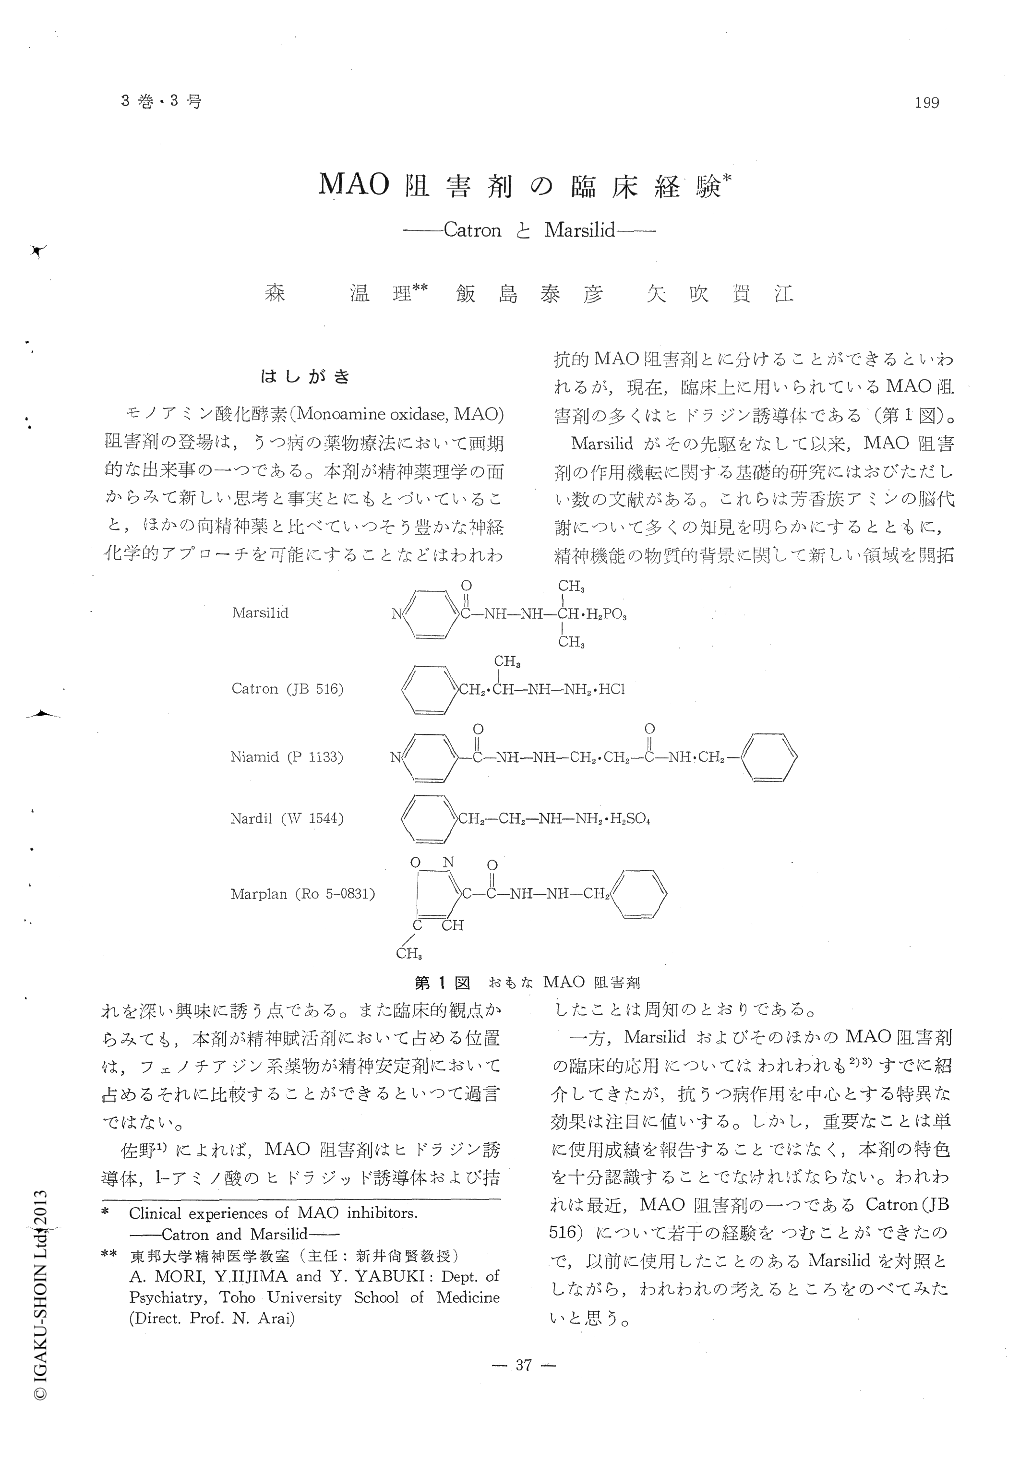 酵素 剤 酸化 モノアミン 阻害 イソニアジドはMAO阻害薬?